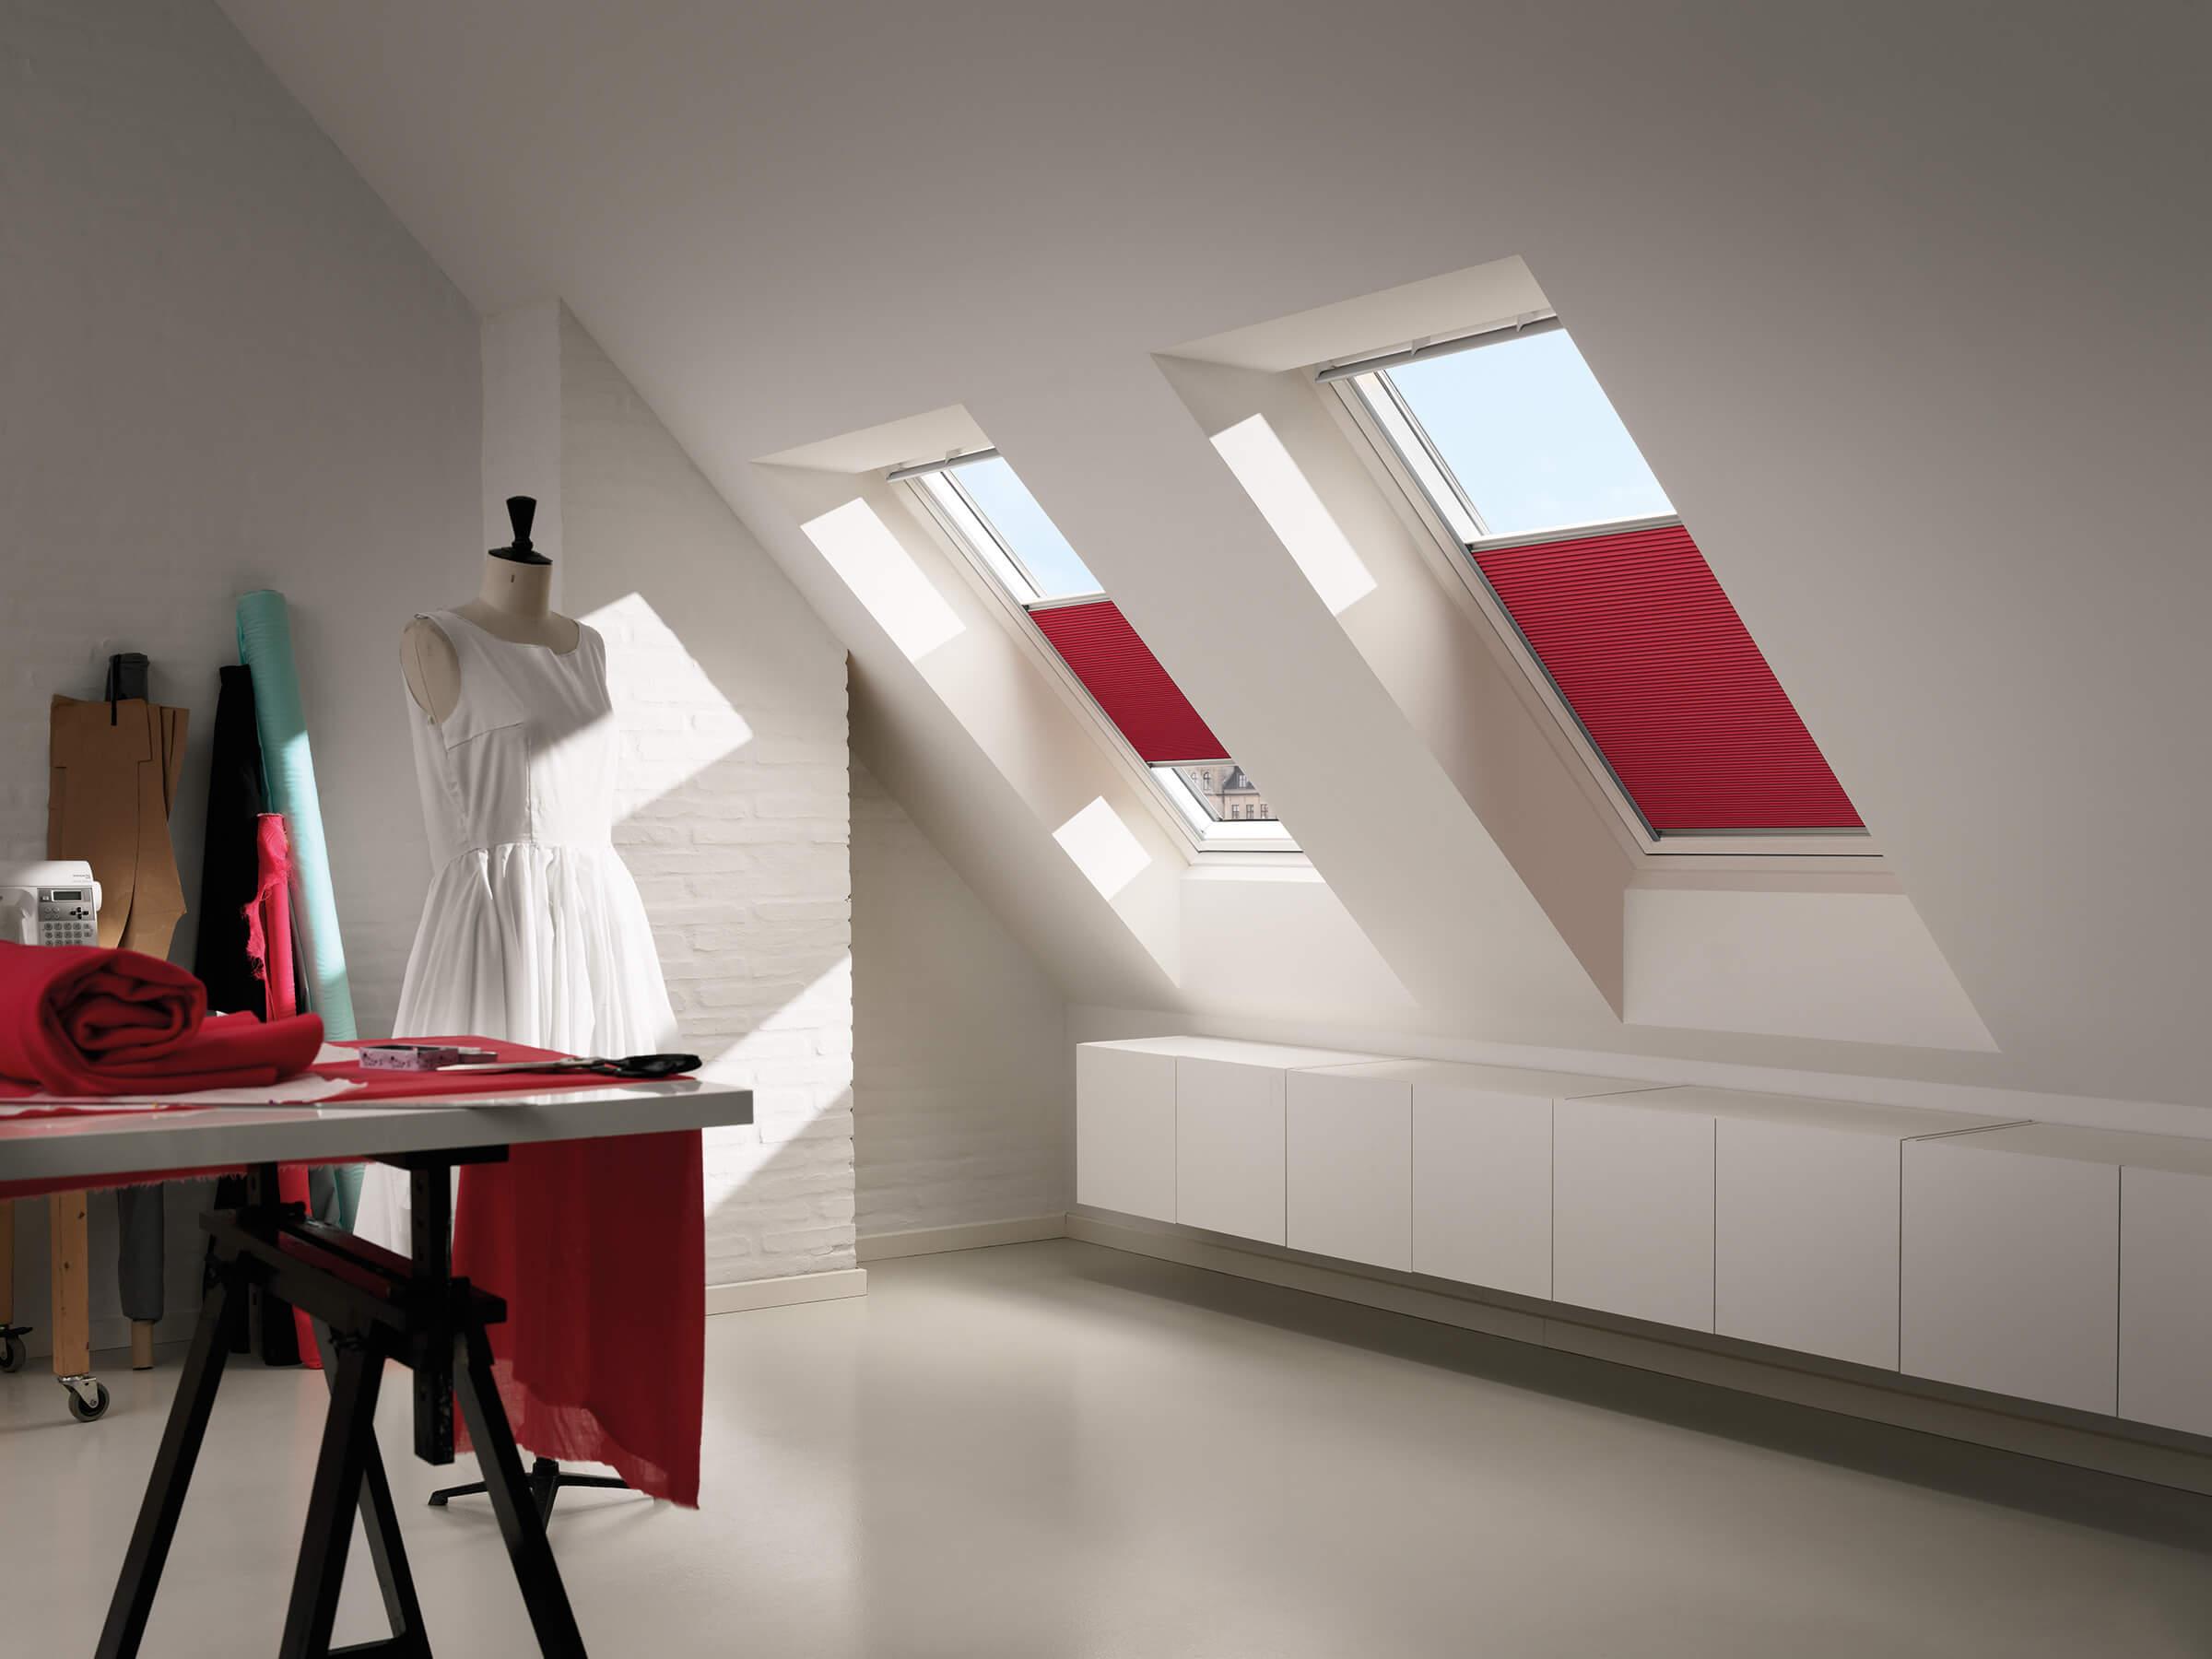 Rote Wabenplissees für Dachfenster im Arbeitszimmer